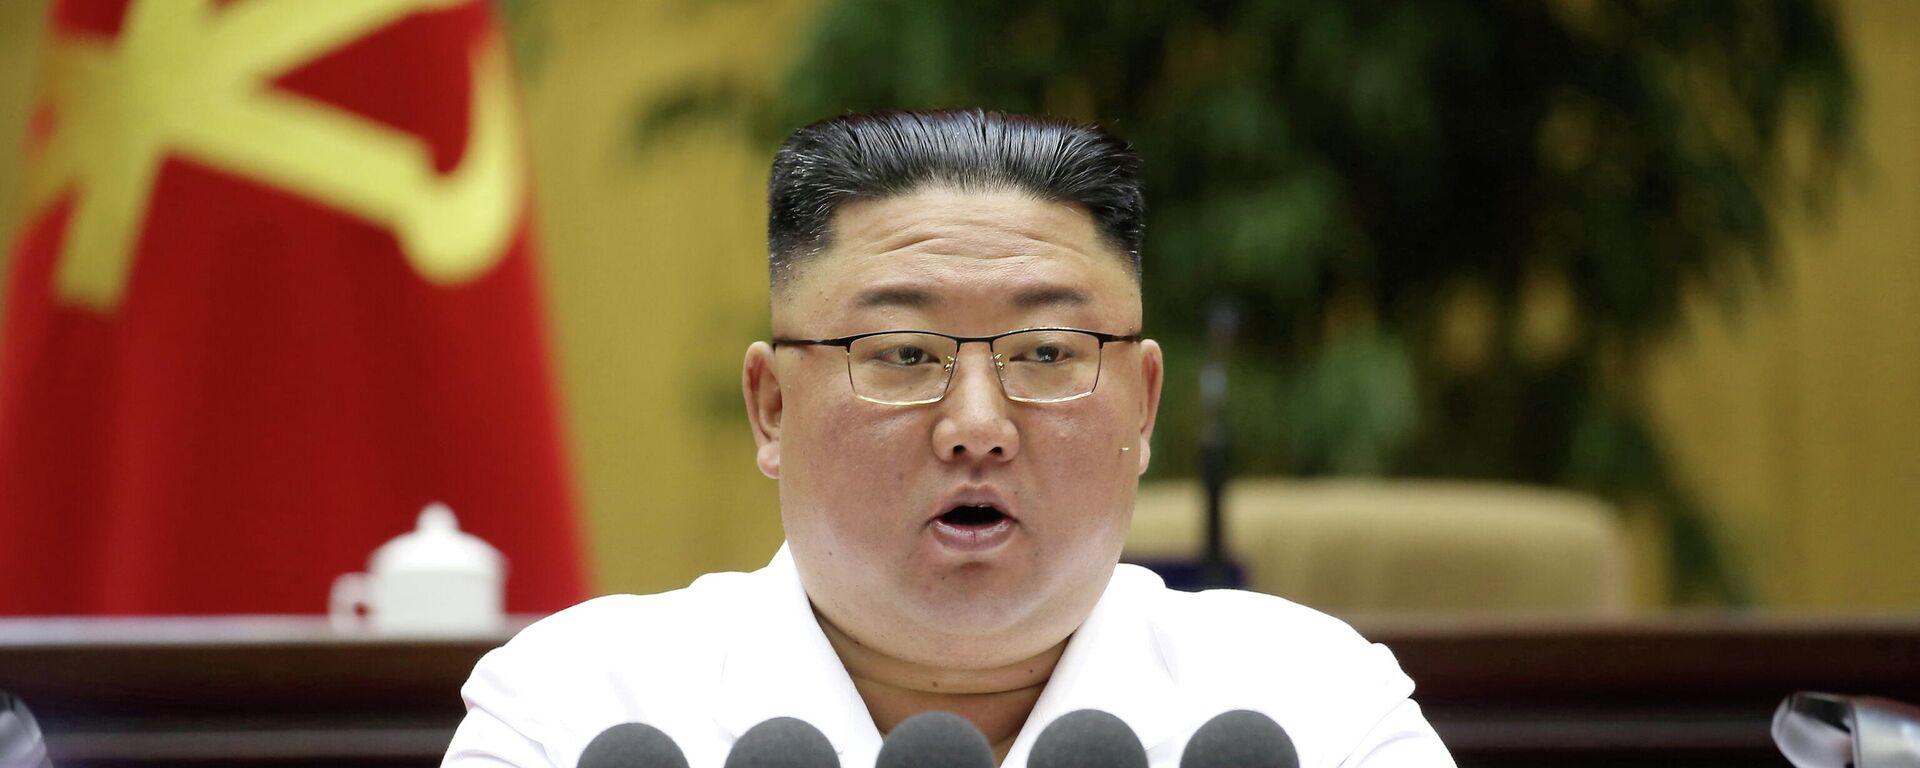 Nordkoreas Staatschef Kim Jong-un - SNA, 1920, 27.05.2021